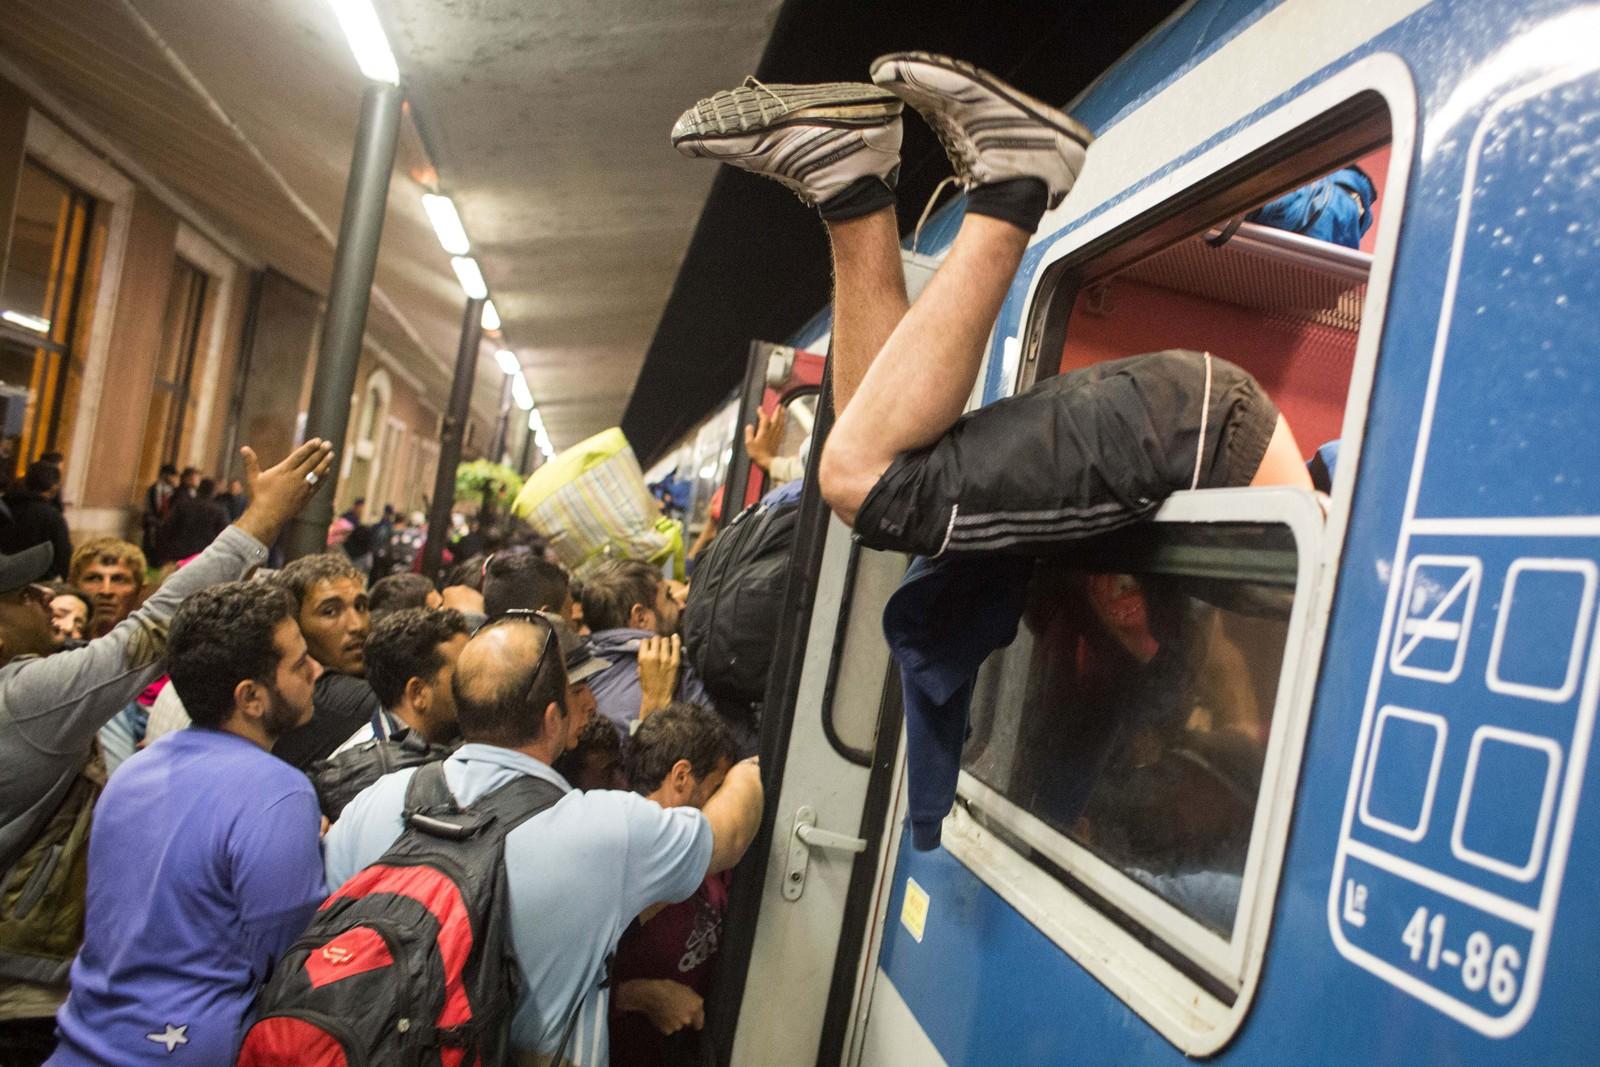 Flyktninger kjemper seg om bord i et tog fra Gyor til Hegyeshalom i Ungarn 19. september.